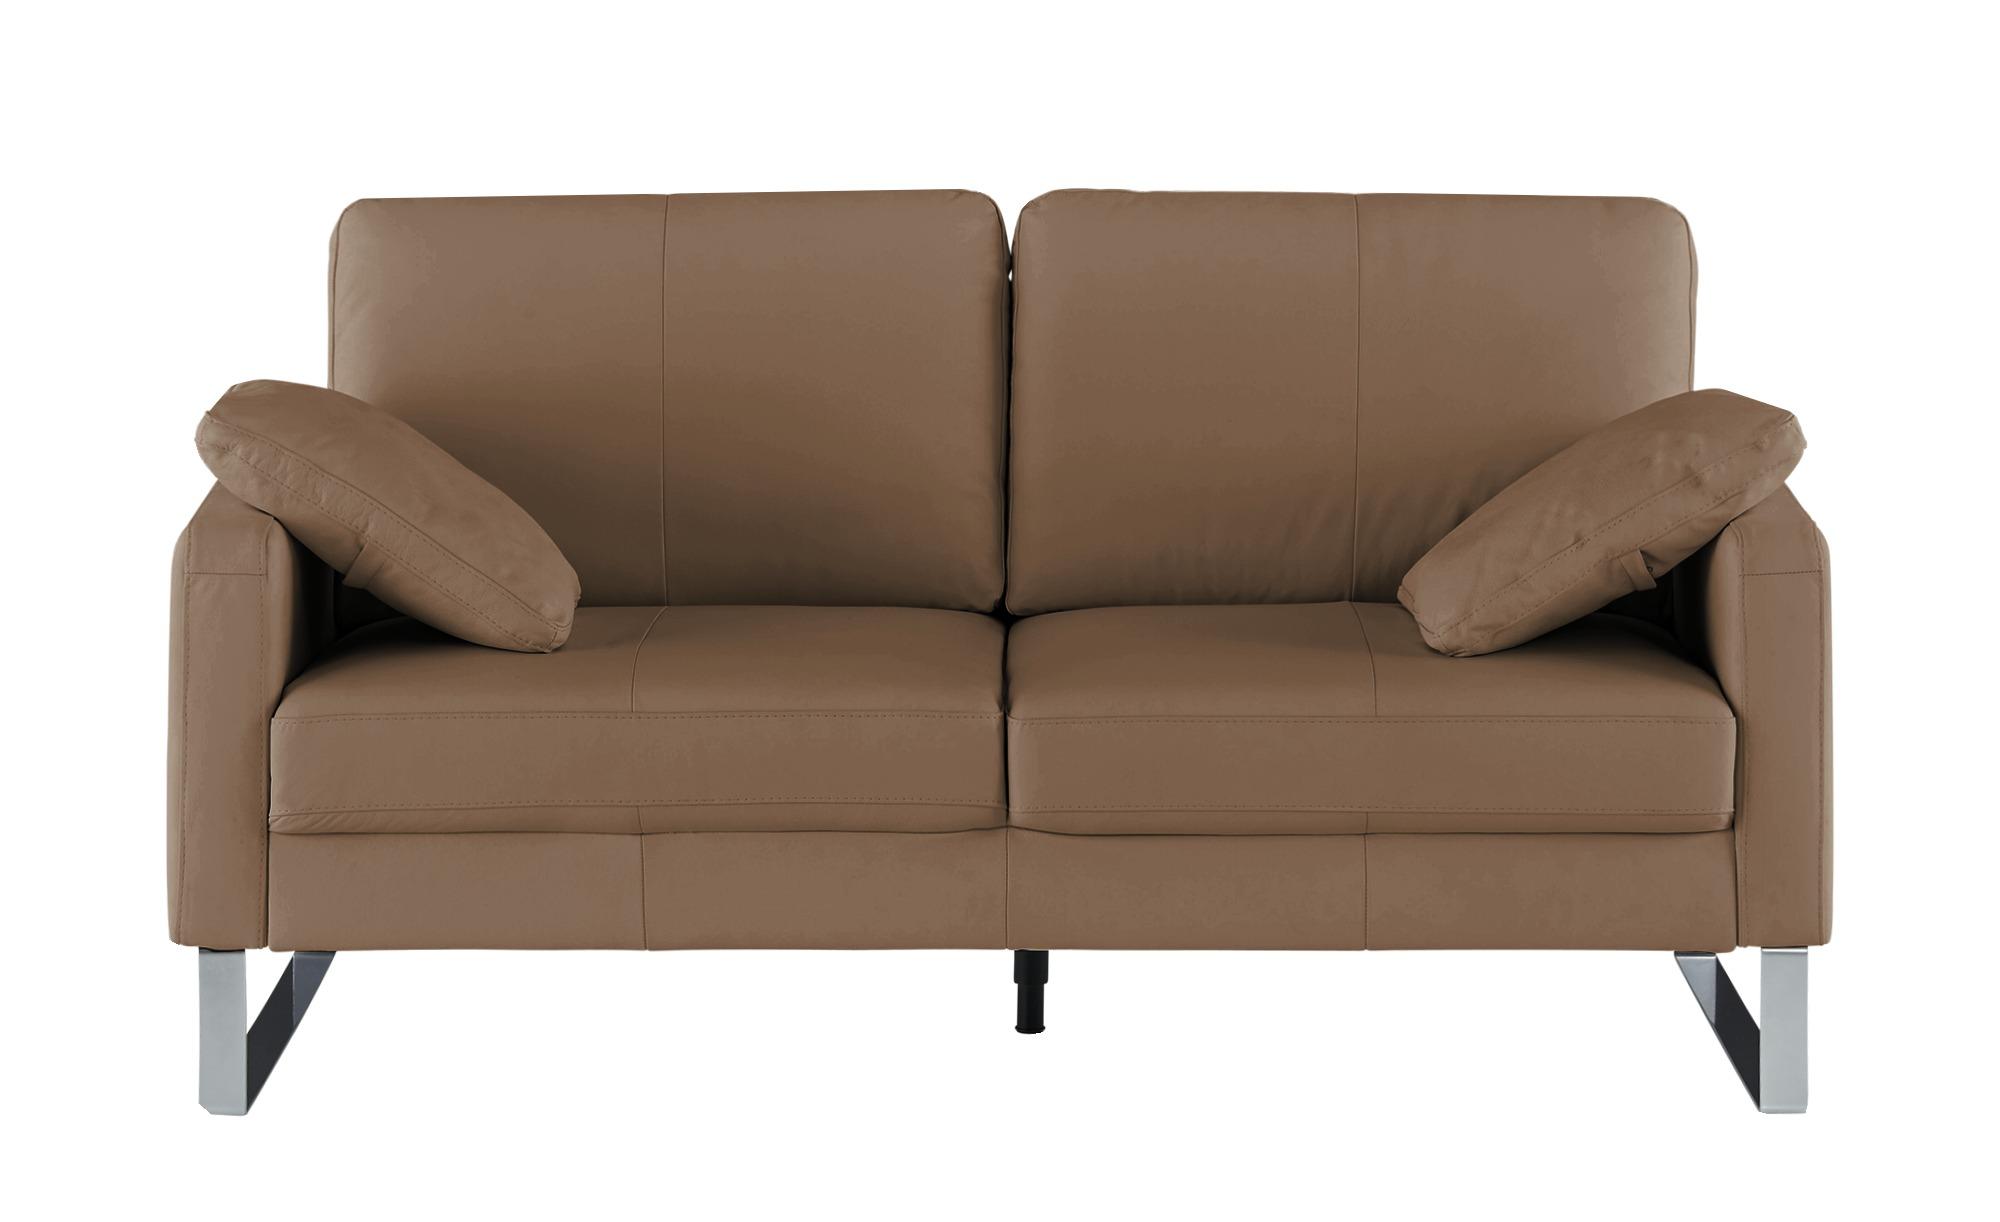 Einzelsofa  Rajaa ¦ braun ¦ Maße (cm): B: 174 H: 90 T: 93 Polstermöbel > Sofas > 2-Sitzer - Höffner